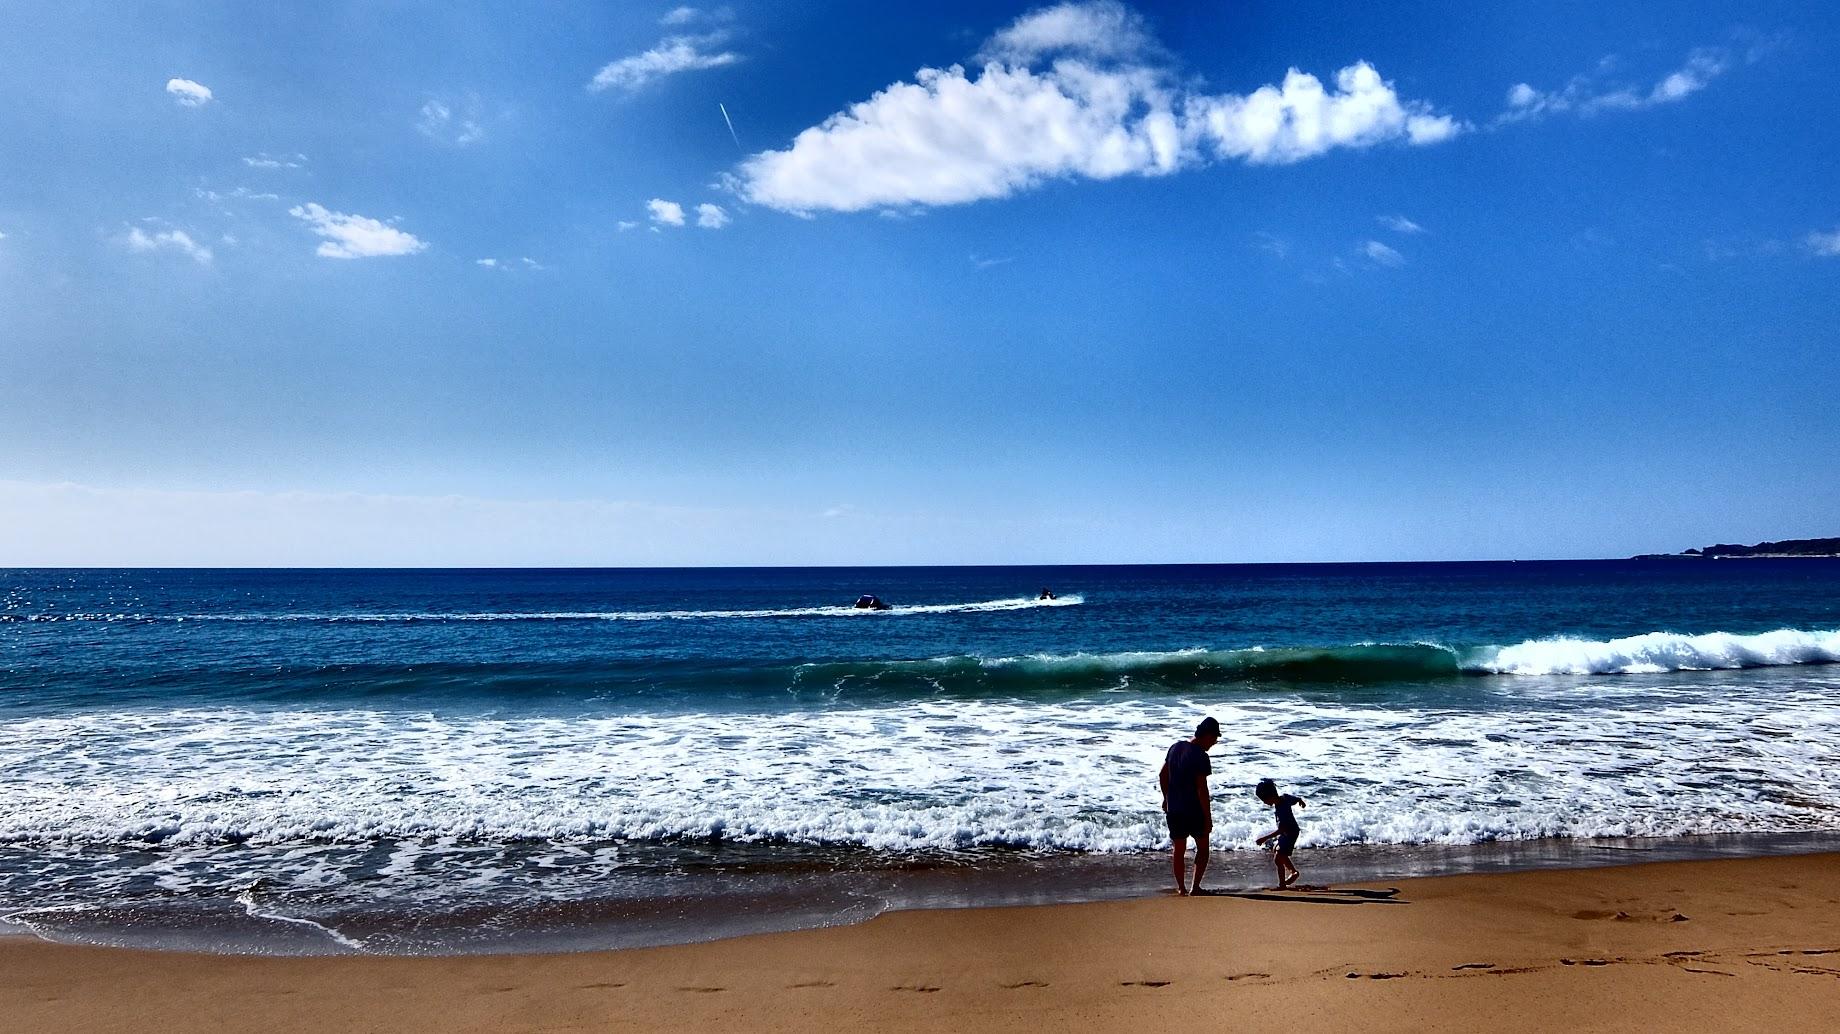 很想帶小孩子往海浪衝,只是他們還不太會游泳,怕危險QQ 也許等他們在大一點...